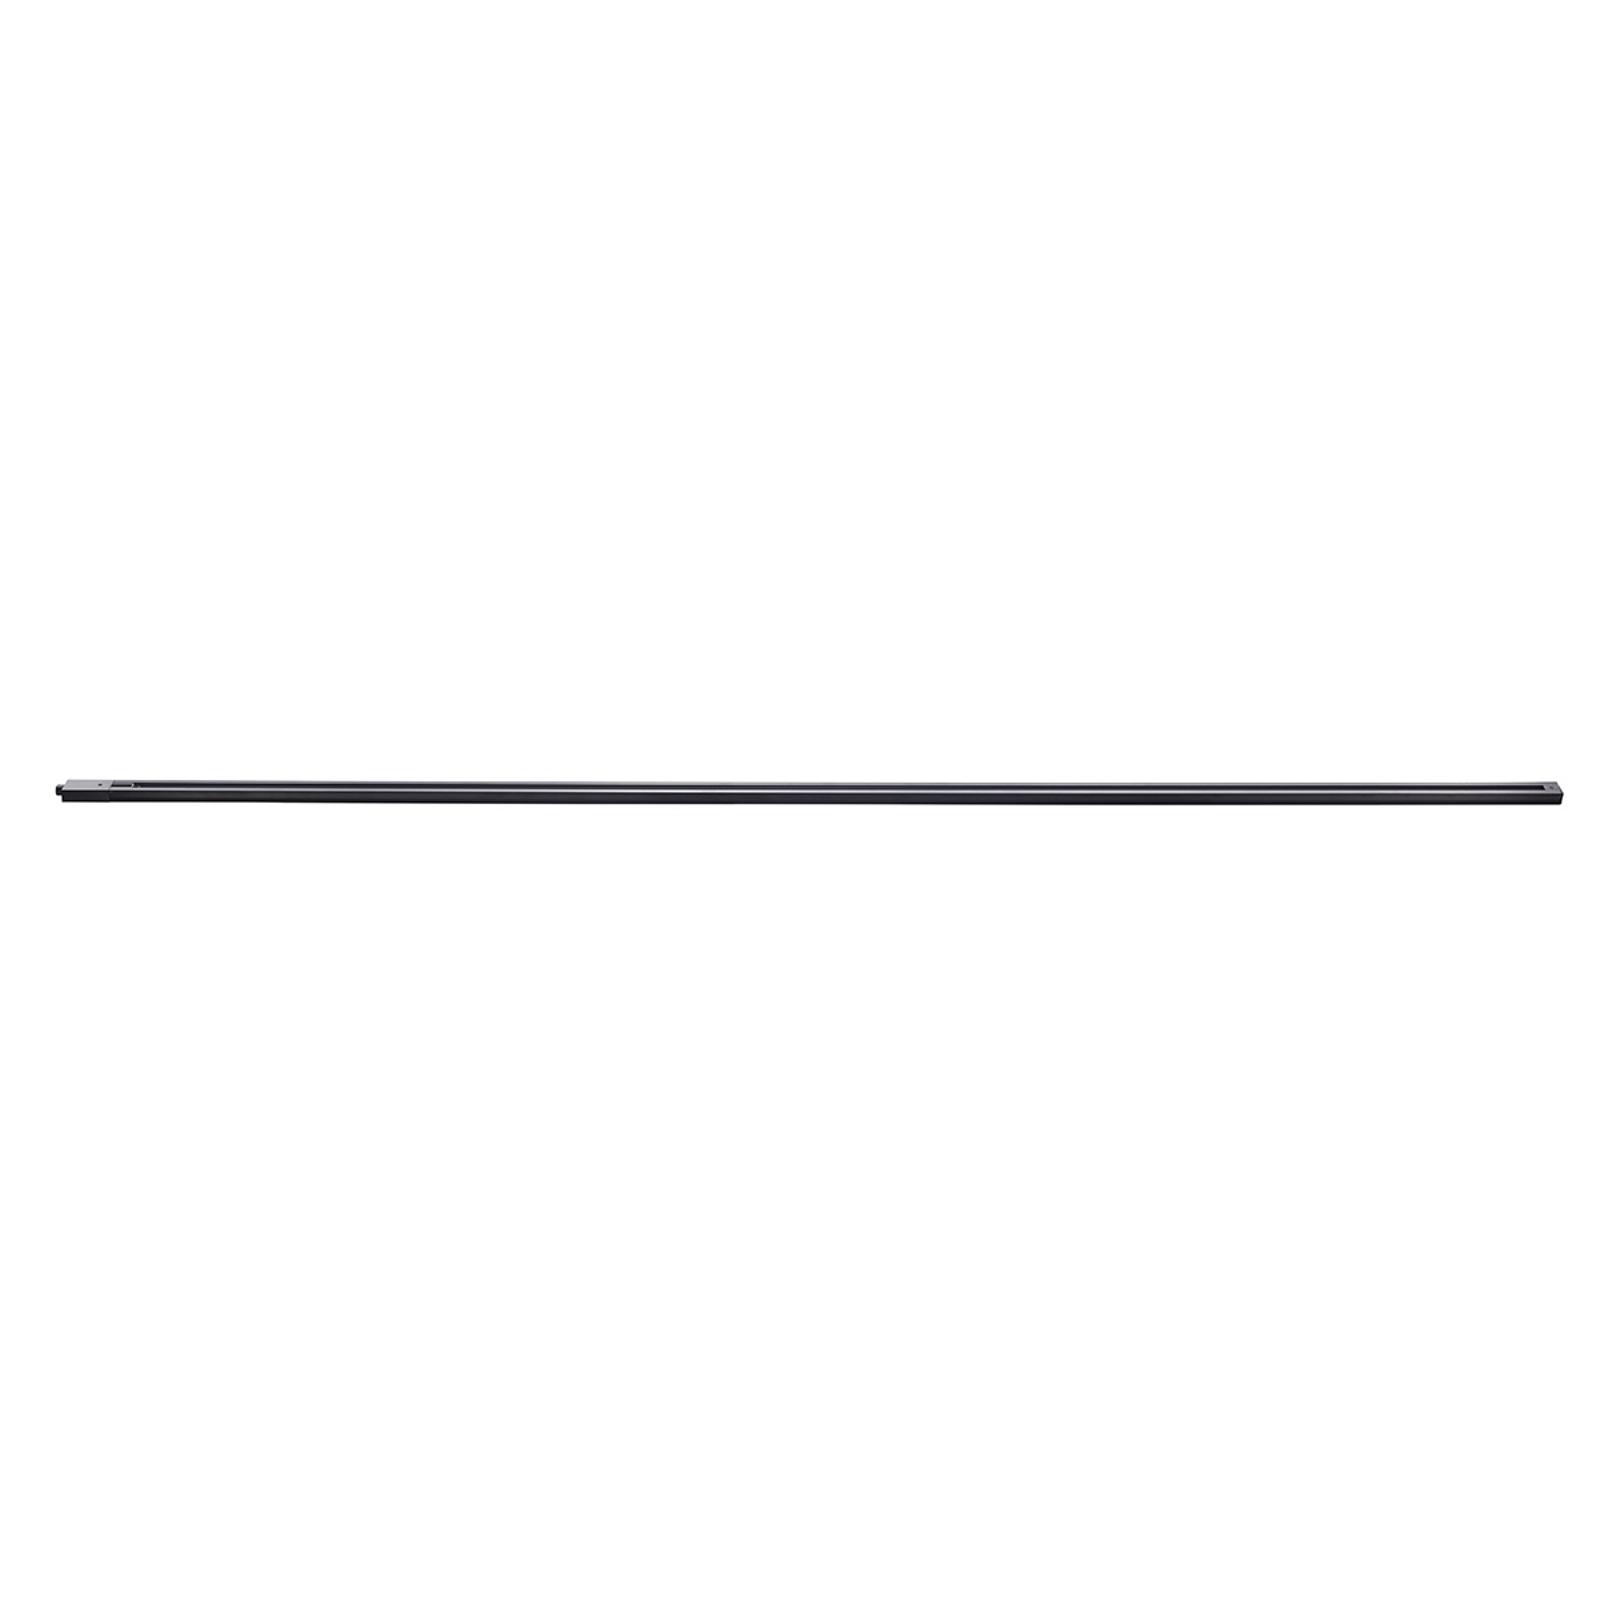 1-fase skinne til System Link, 200 cm, svart